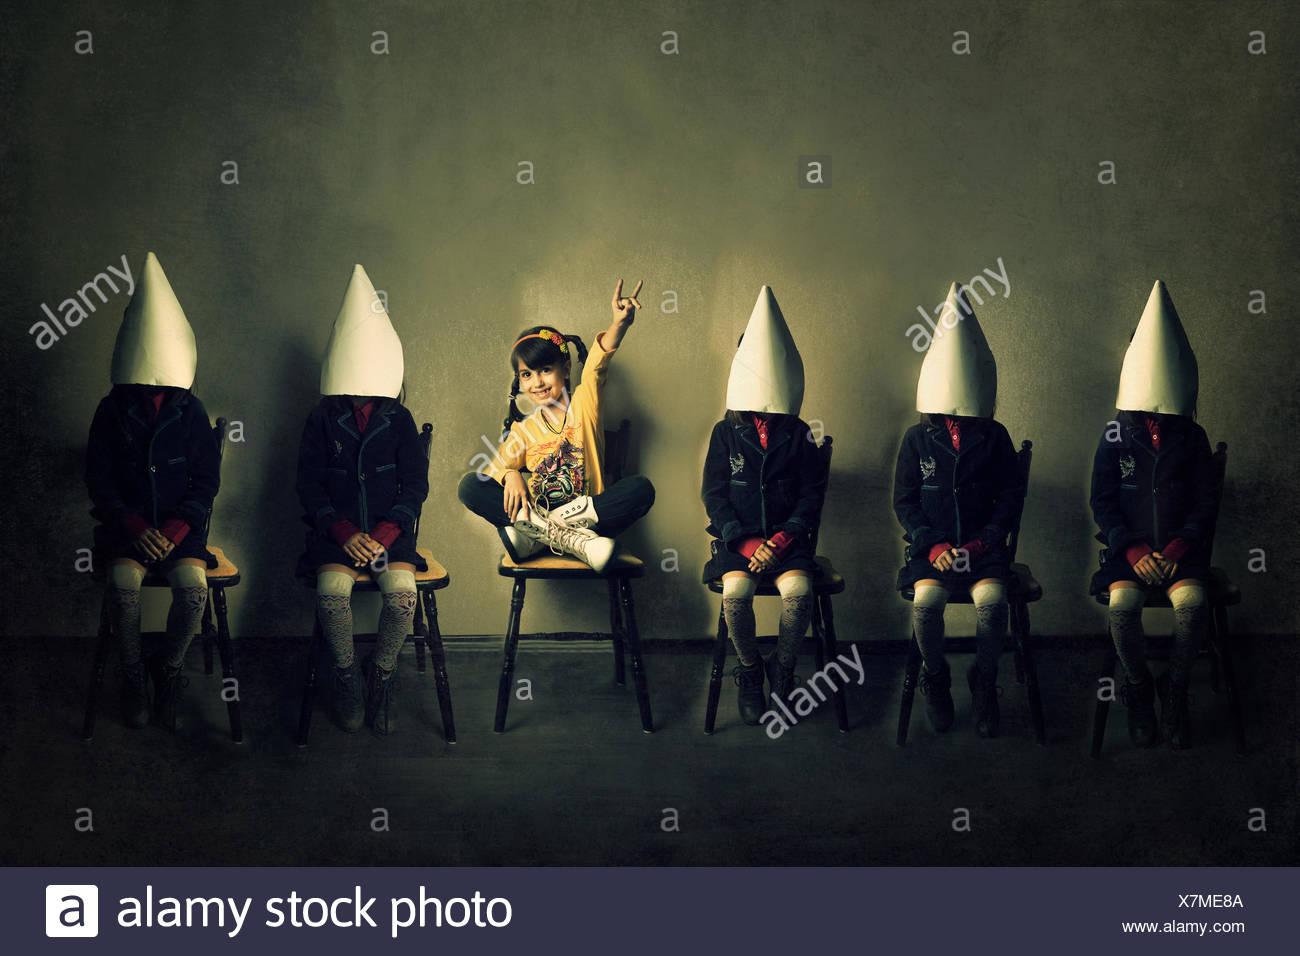 Sei ragazze seduti su sedie in fila Immagini Stock